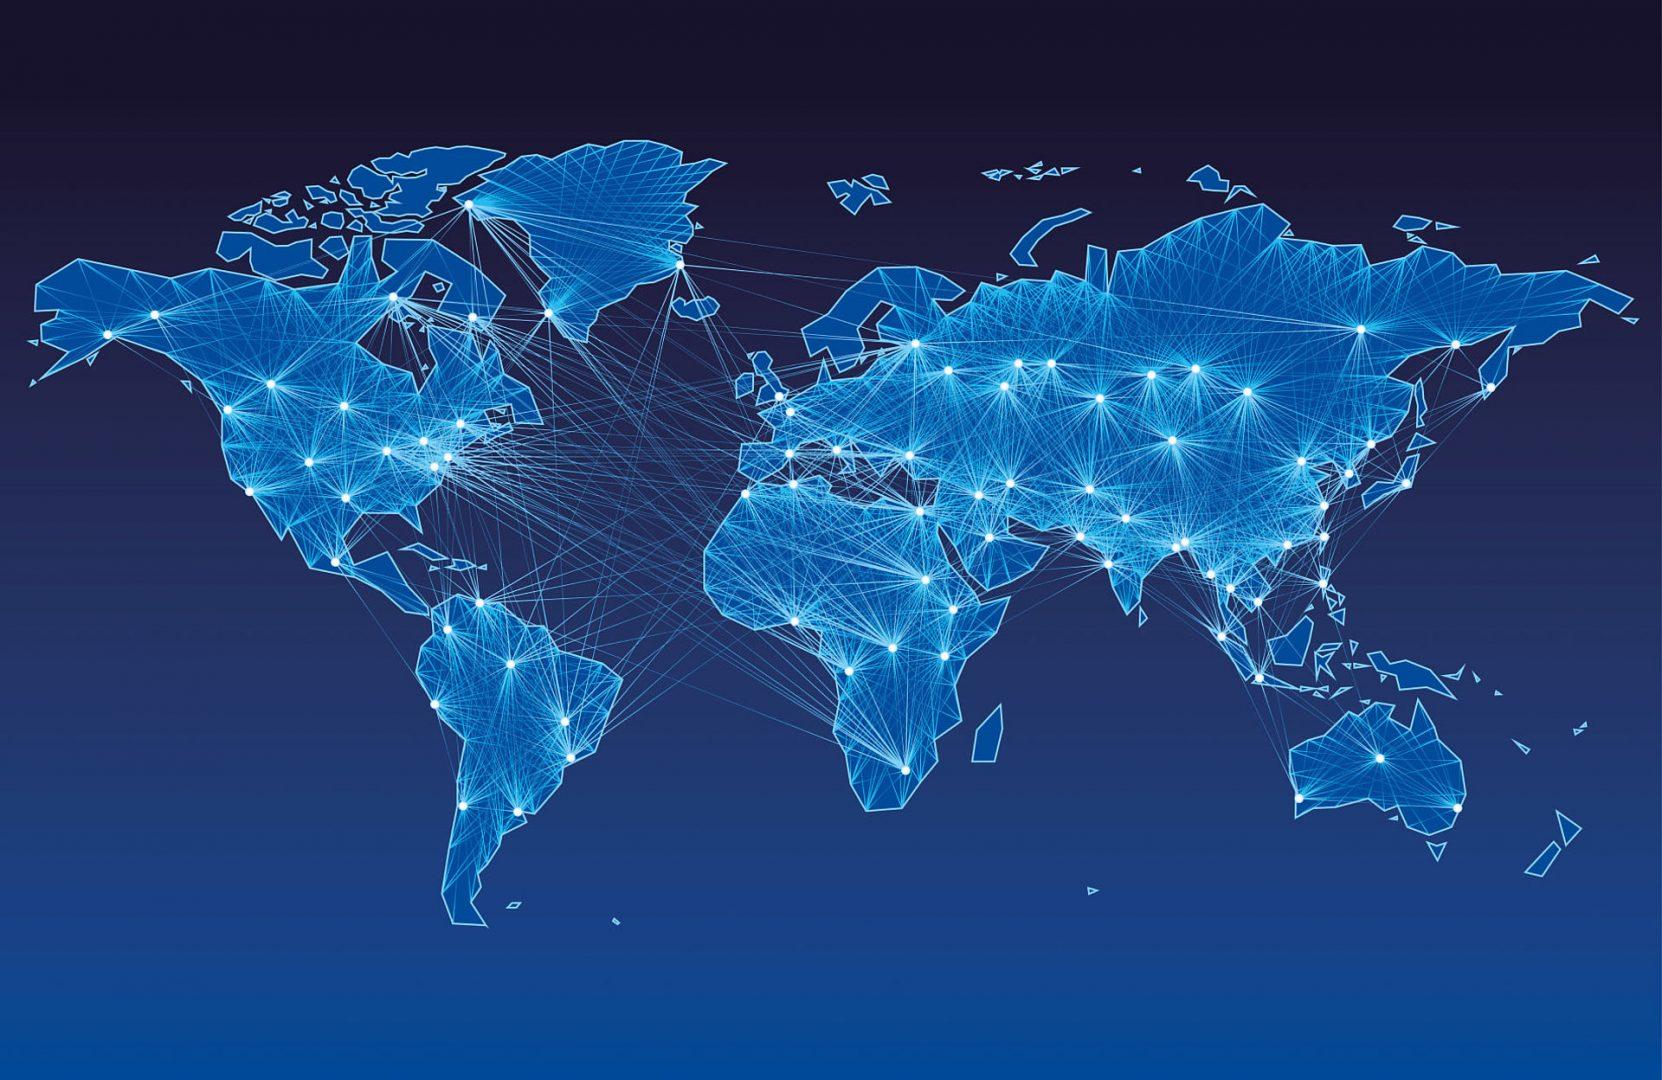 Chấm Xanh – mạng lưới đối trọng với Vành đai, Con đường – là gì?